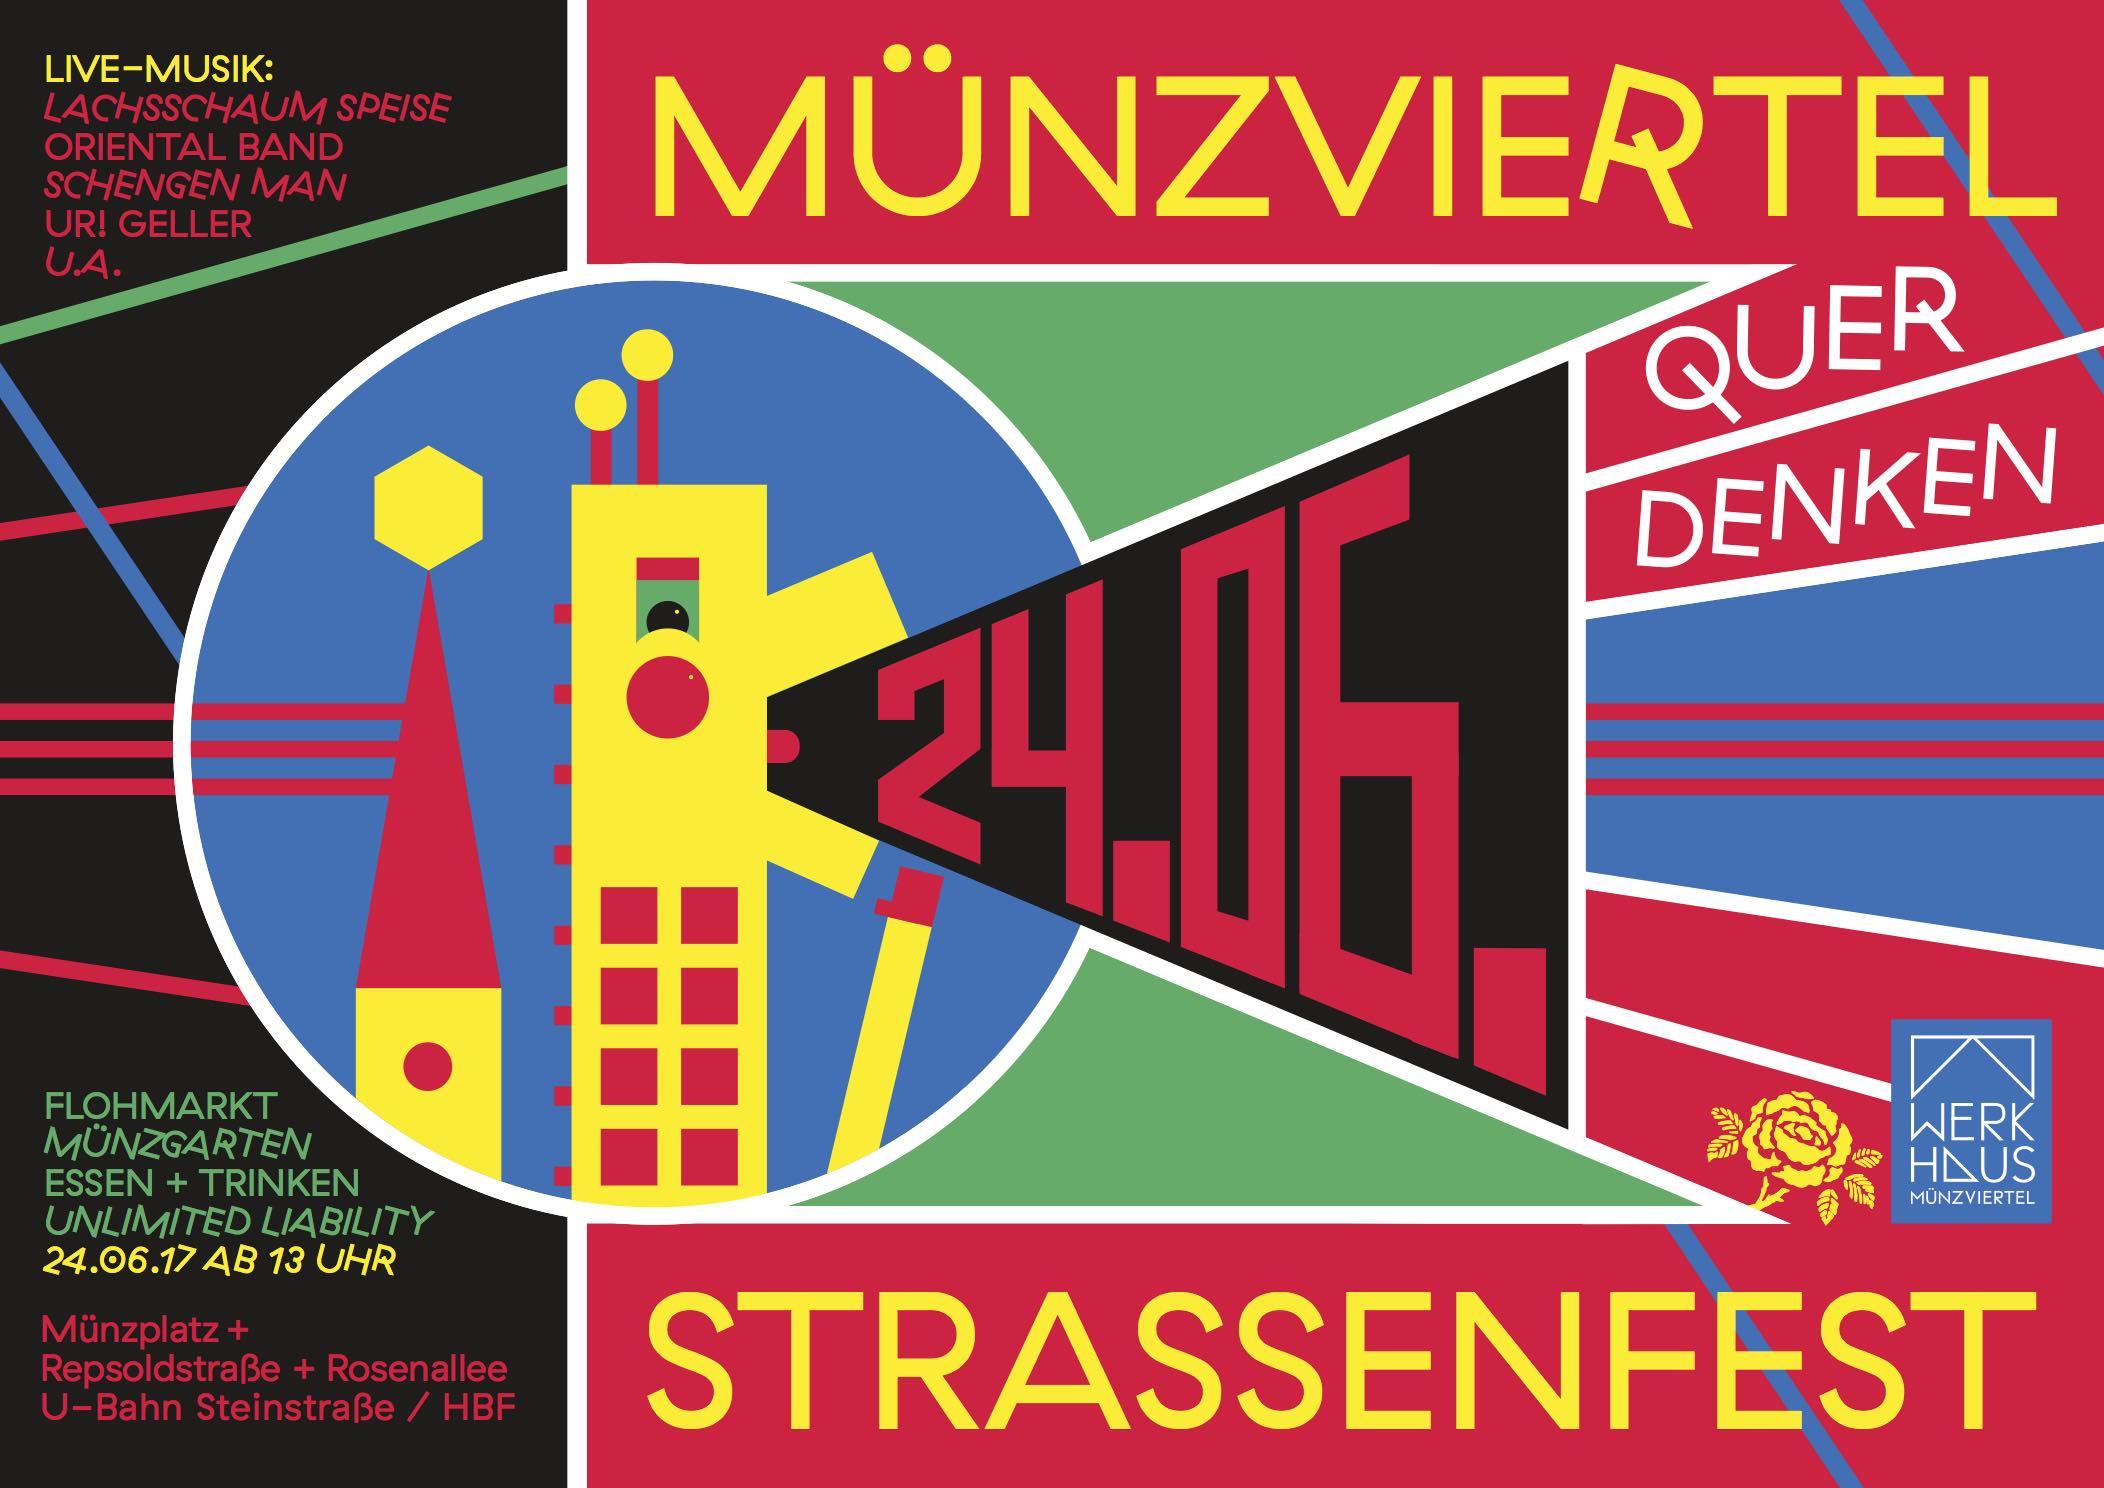 Der jährliche Höhepunkt im Münzviertel: Das Straßenfest – Münzviertel